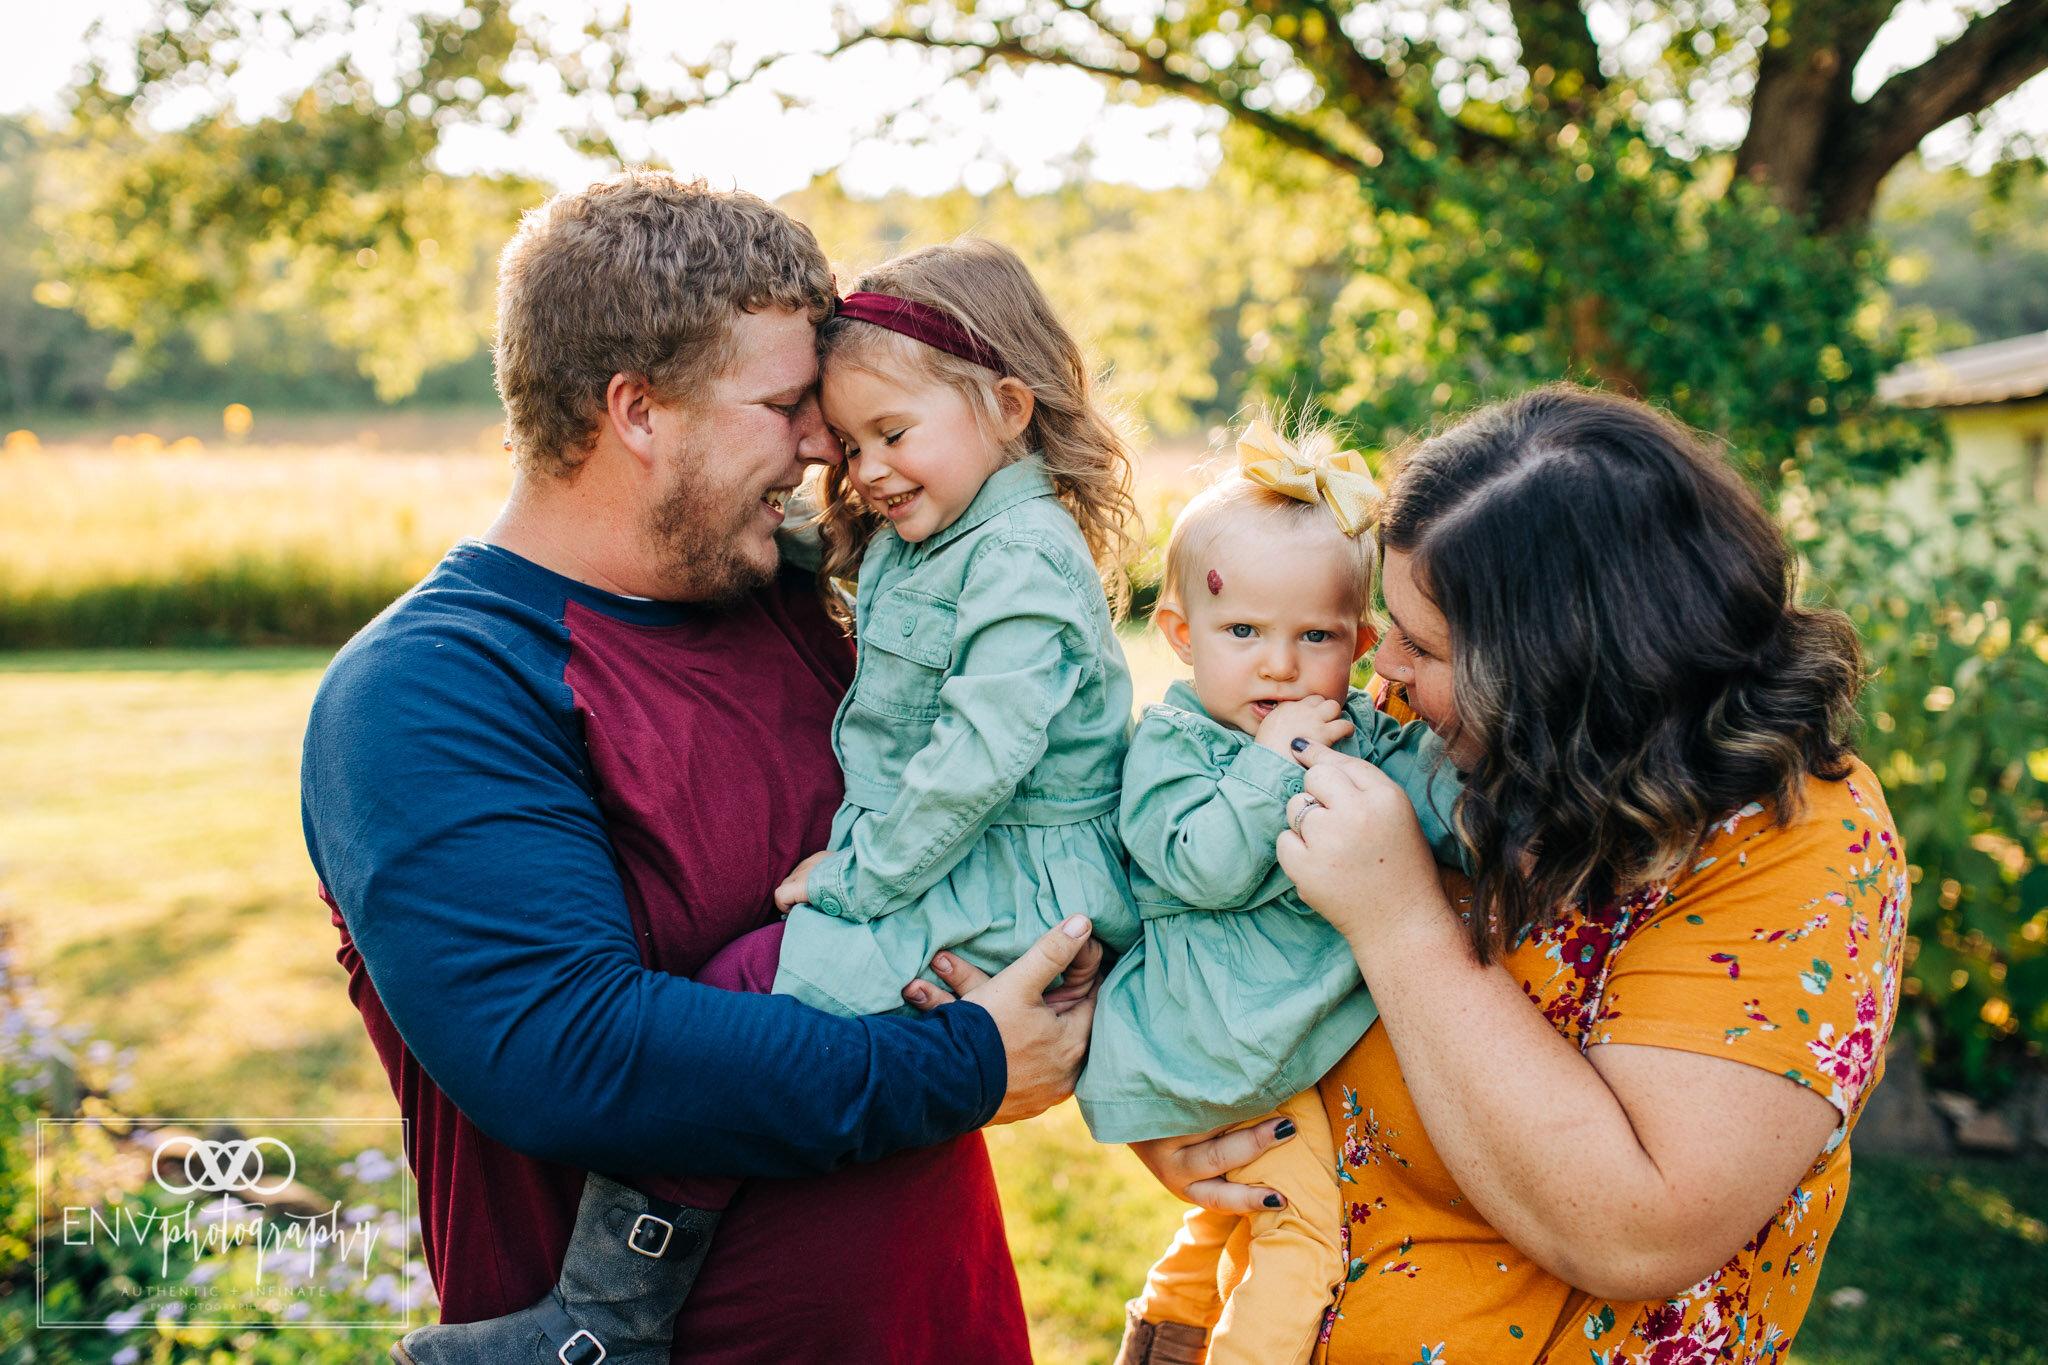 Mount Vernon Columbus Ohio Knox County Ohio Family Photographer (8).jpg